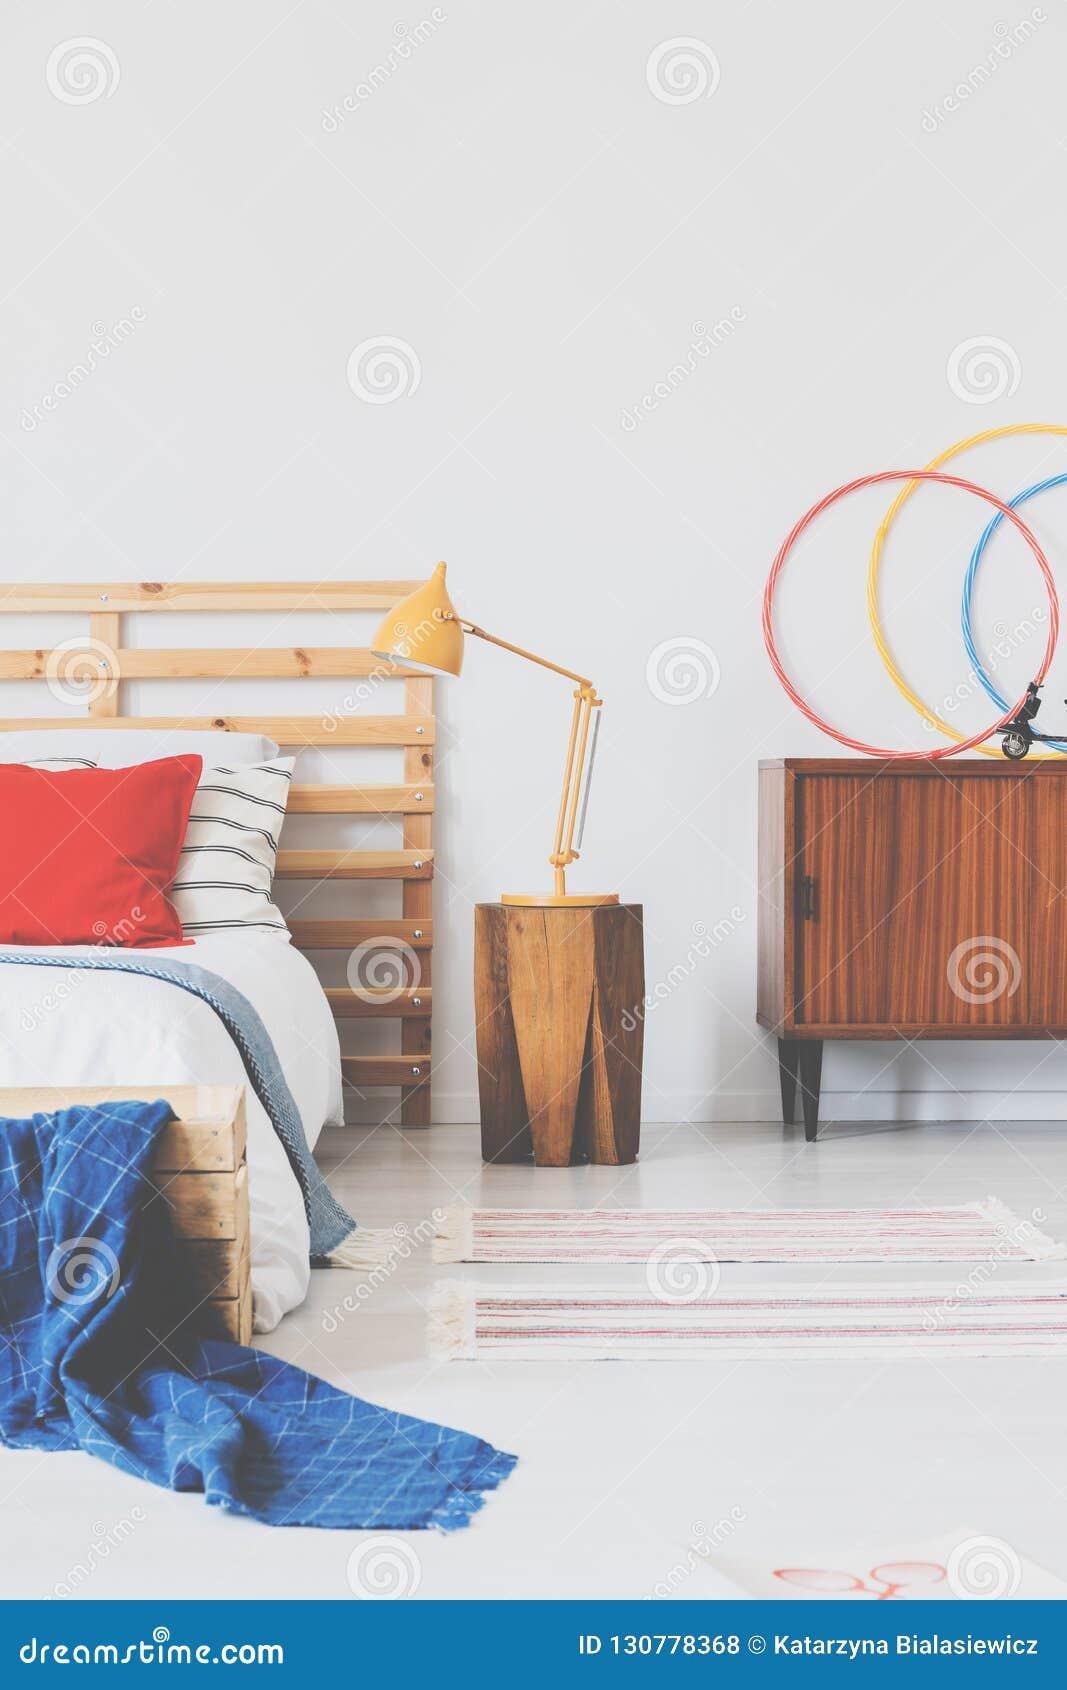 Lámpara anaranjada en la mesita de noche de madera al lado de la cama cómoda con la almohada roja y el cabecero elegante en inter